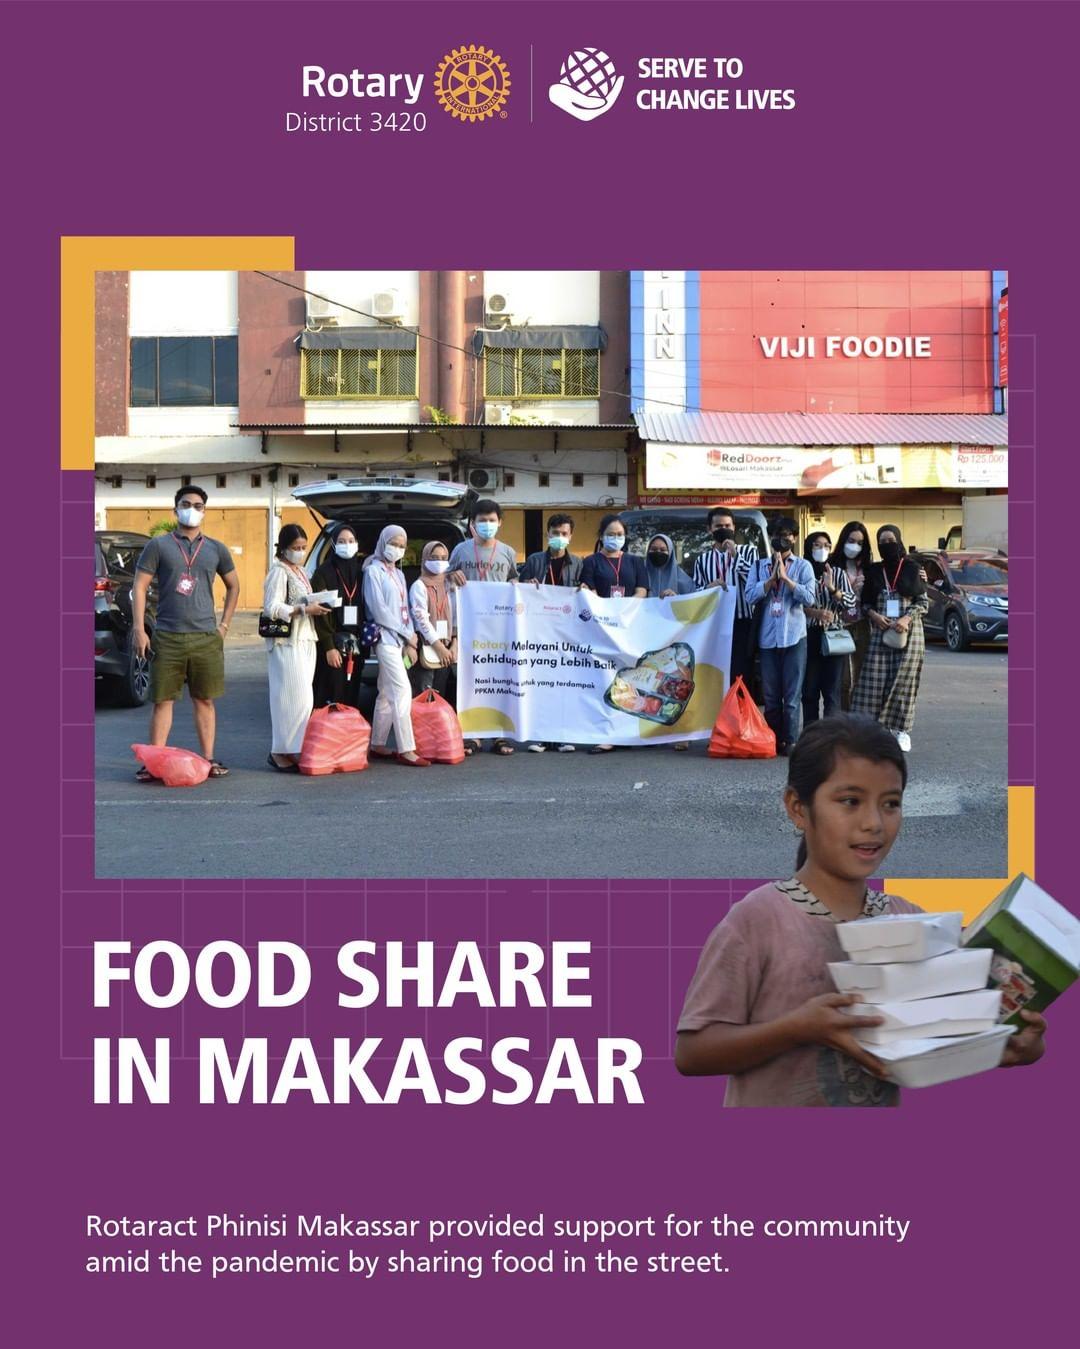 Food Share in Makassar